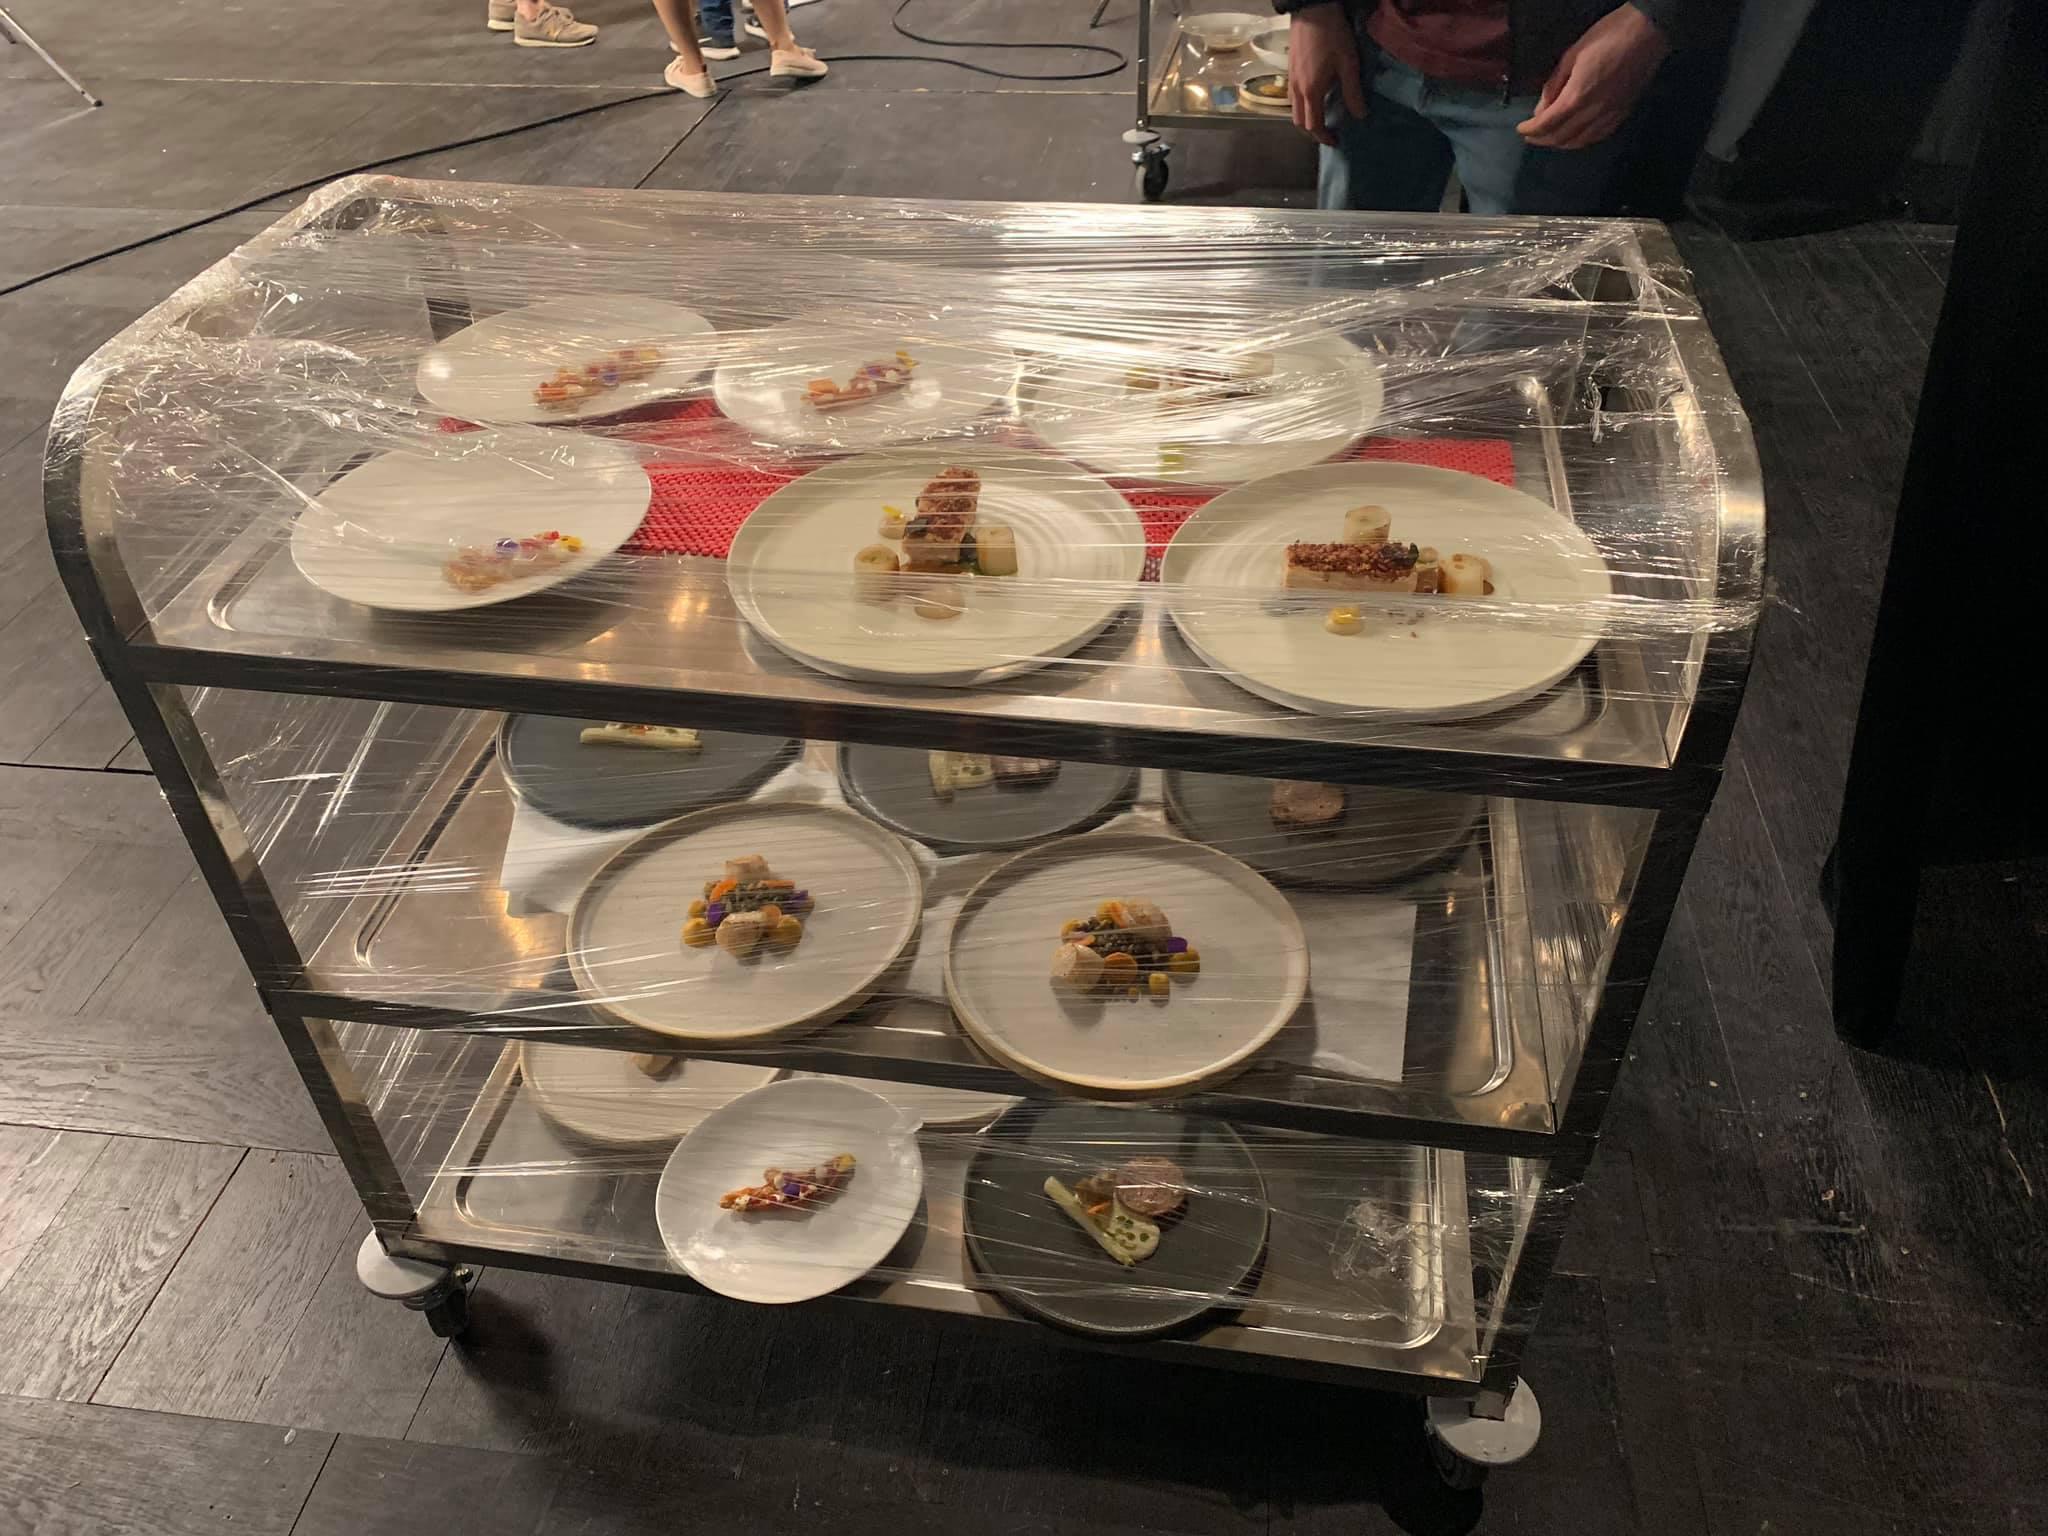 Τα πιάτα των δύο ομάδων του Masterchef 3